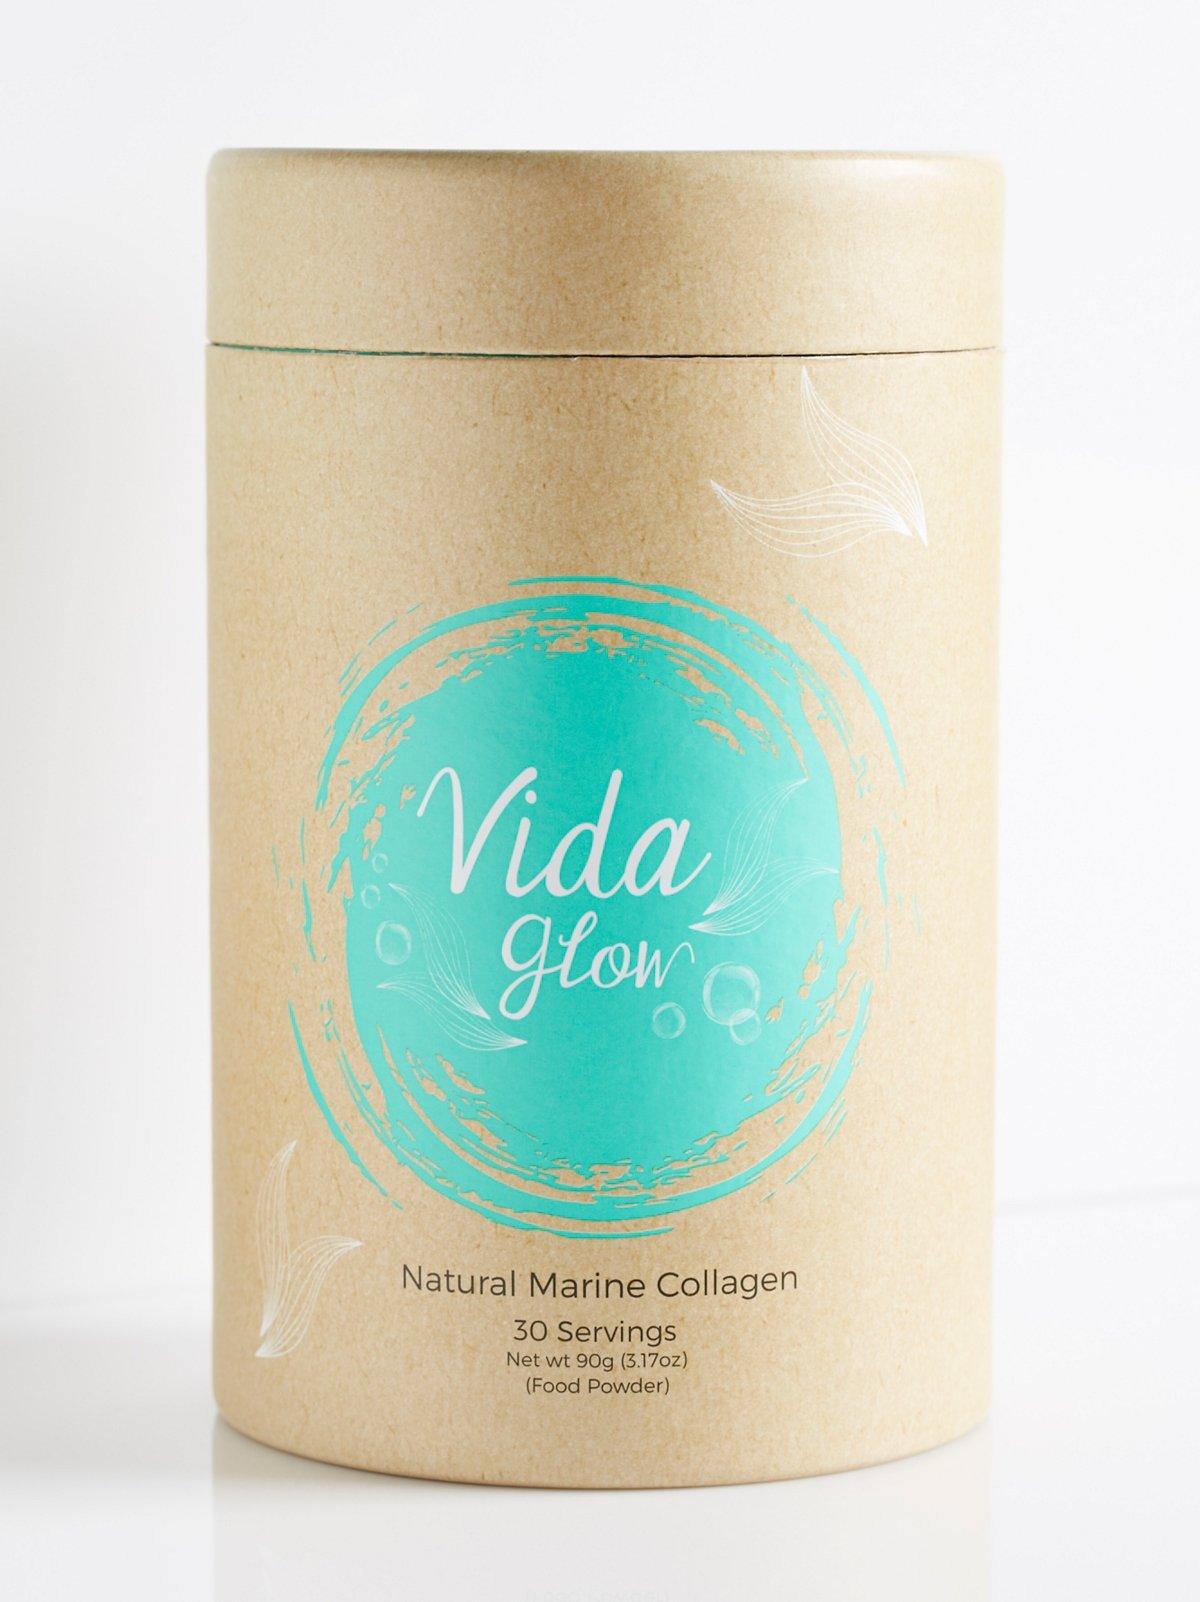 Natural Marine Collagen